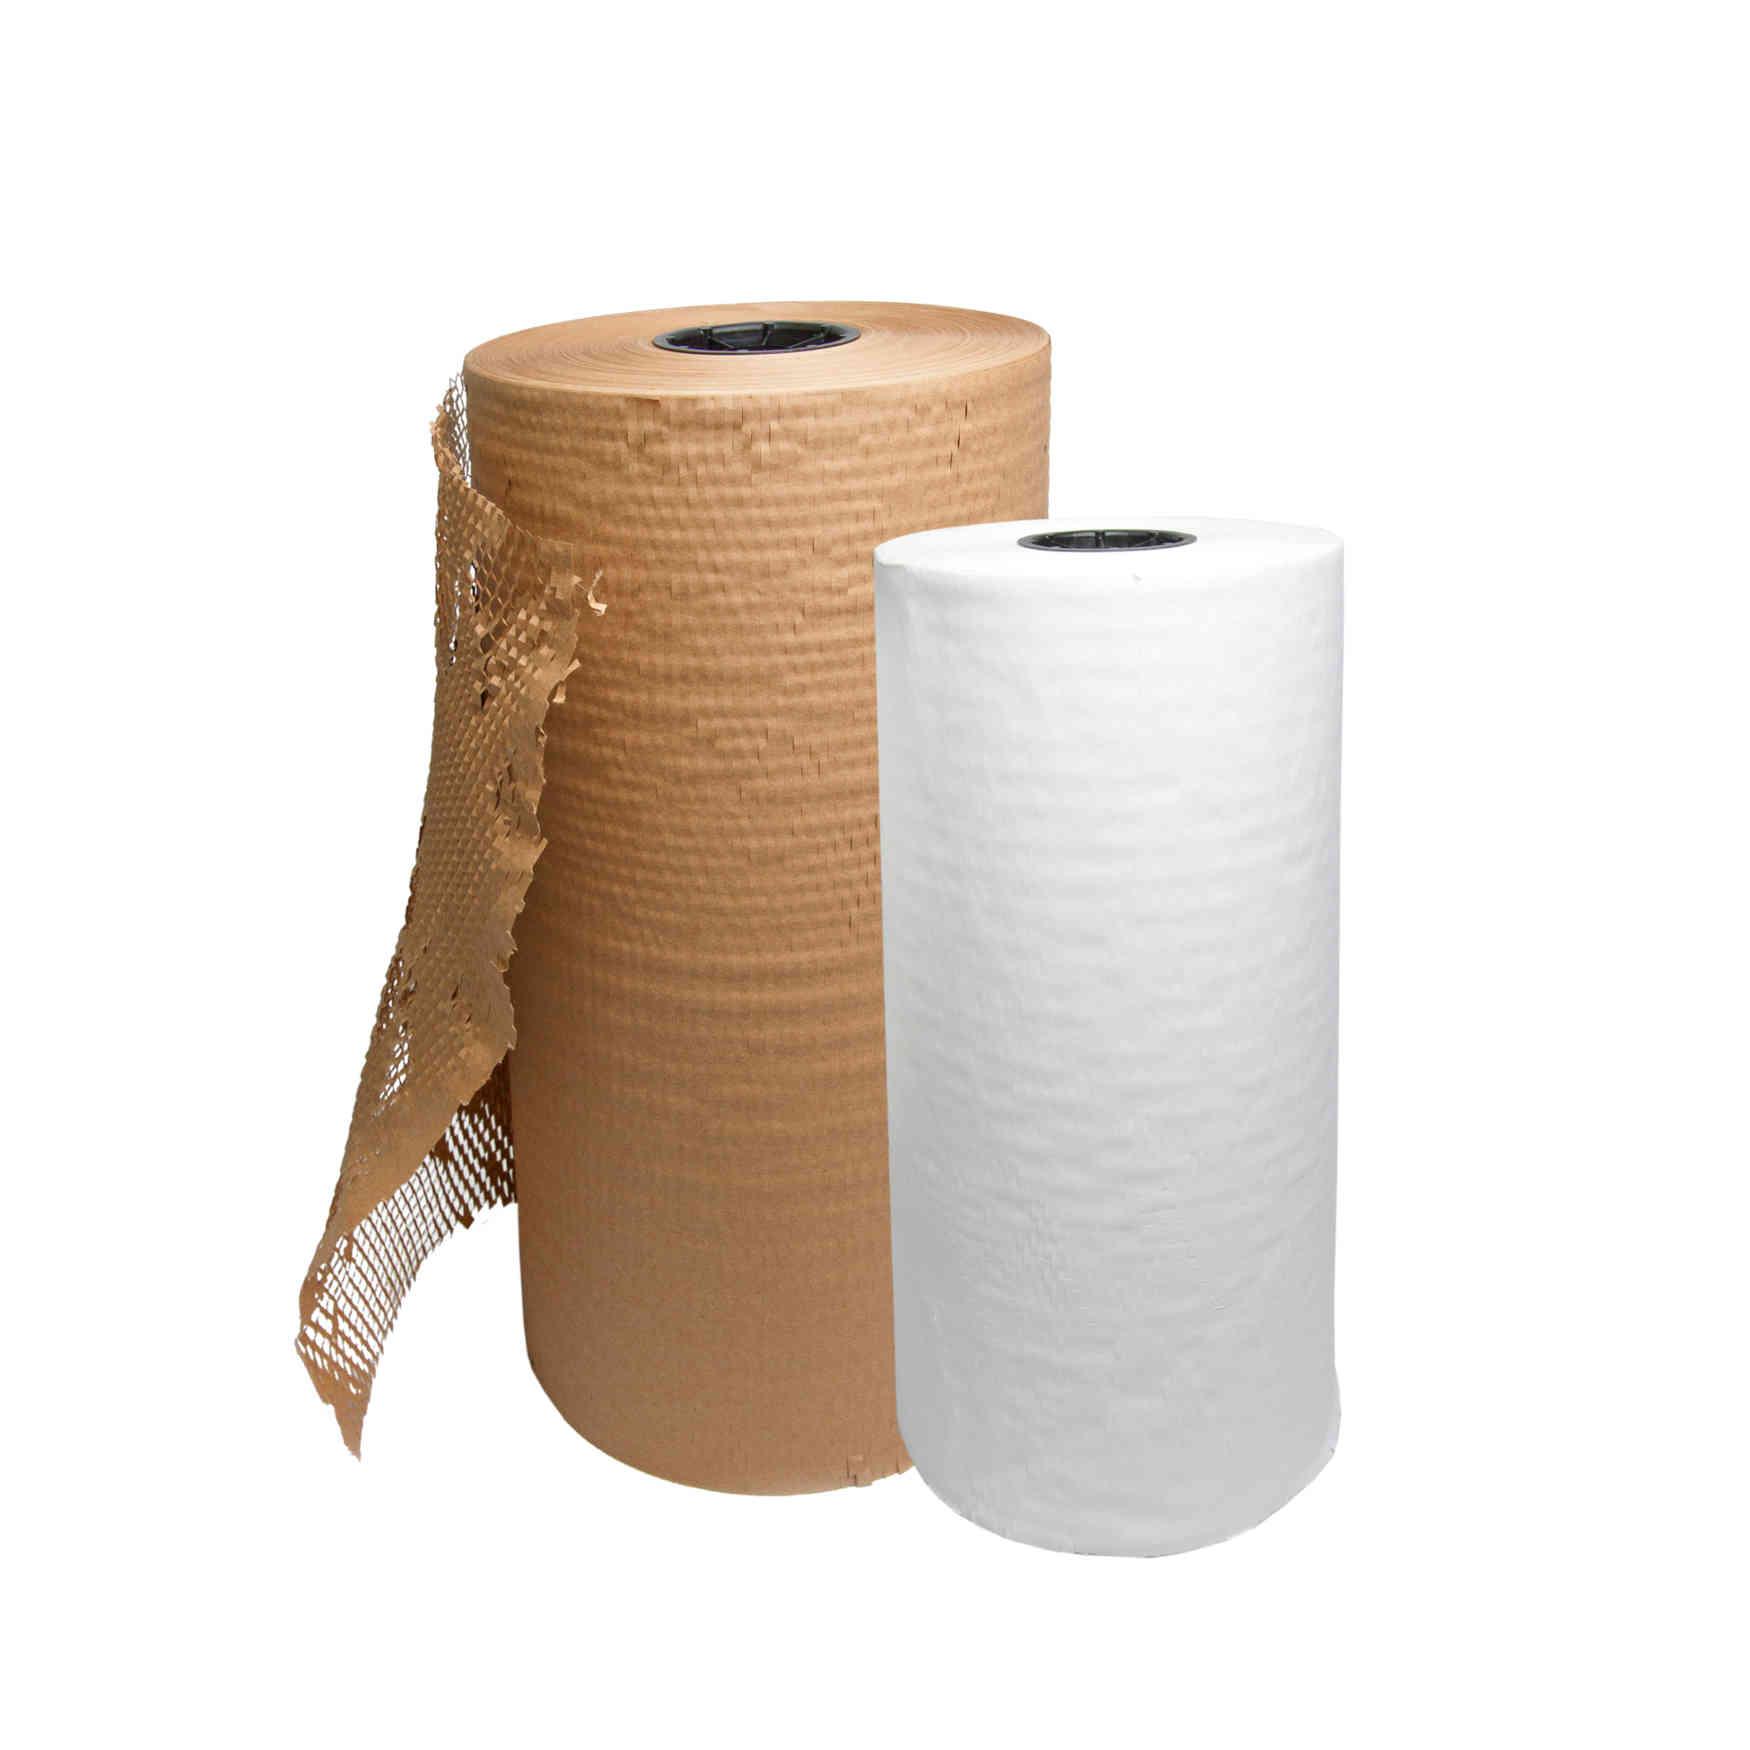 Geami wrappak seiden und wabenpapier kaufen combra - Seidenpapier kaufen ...